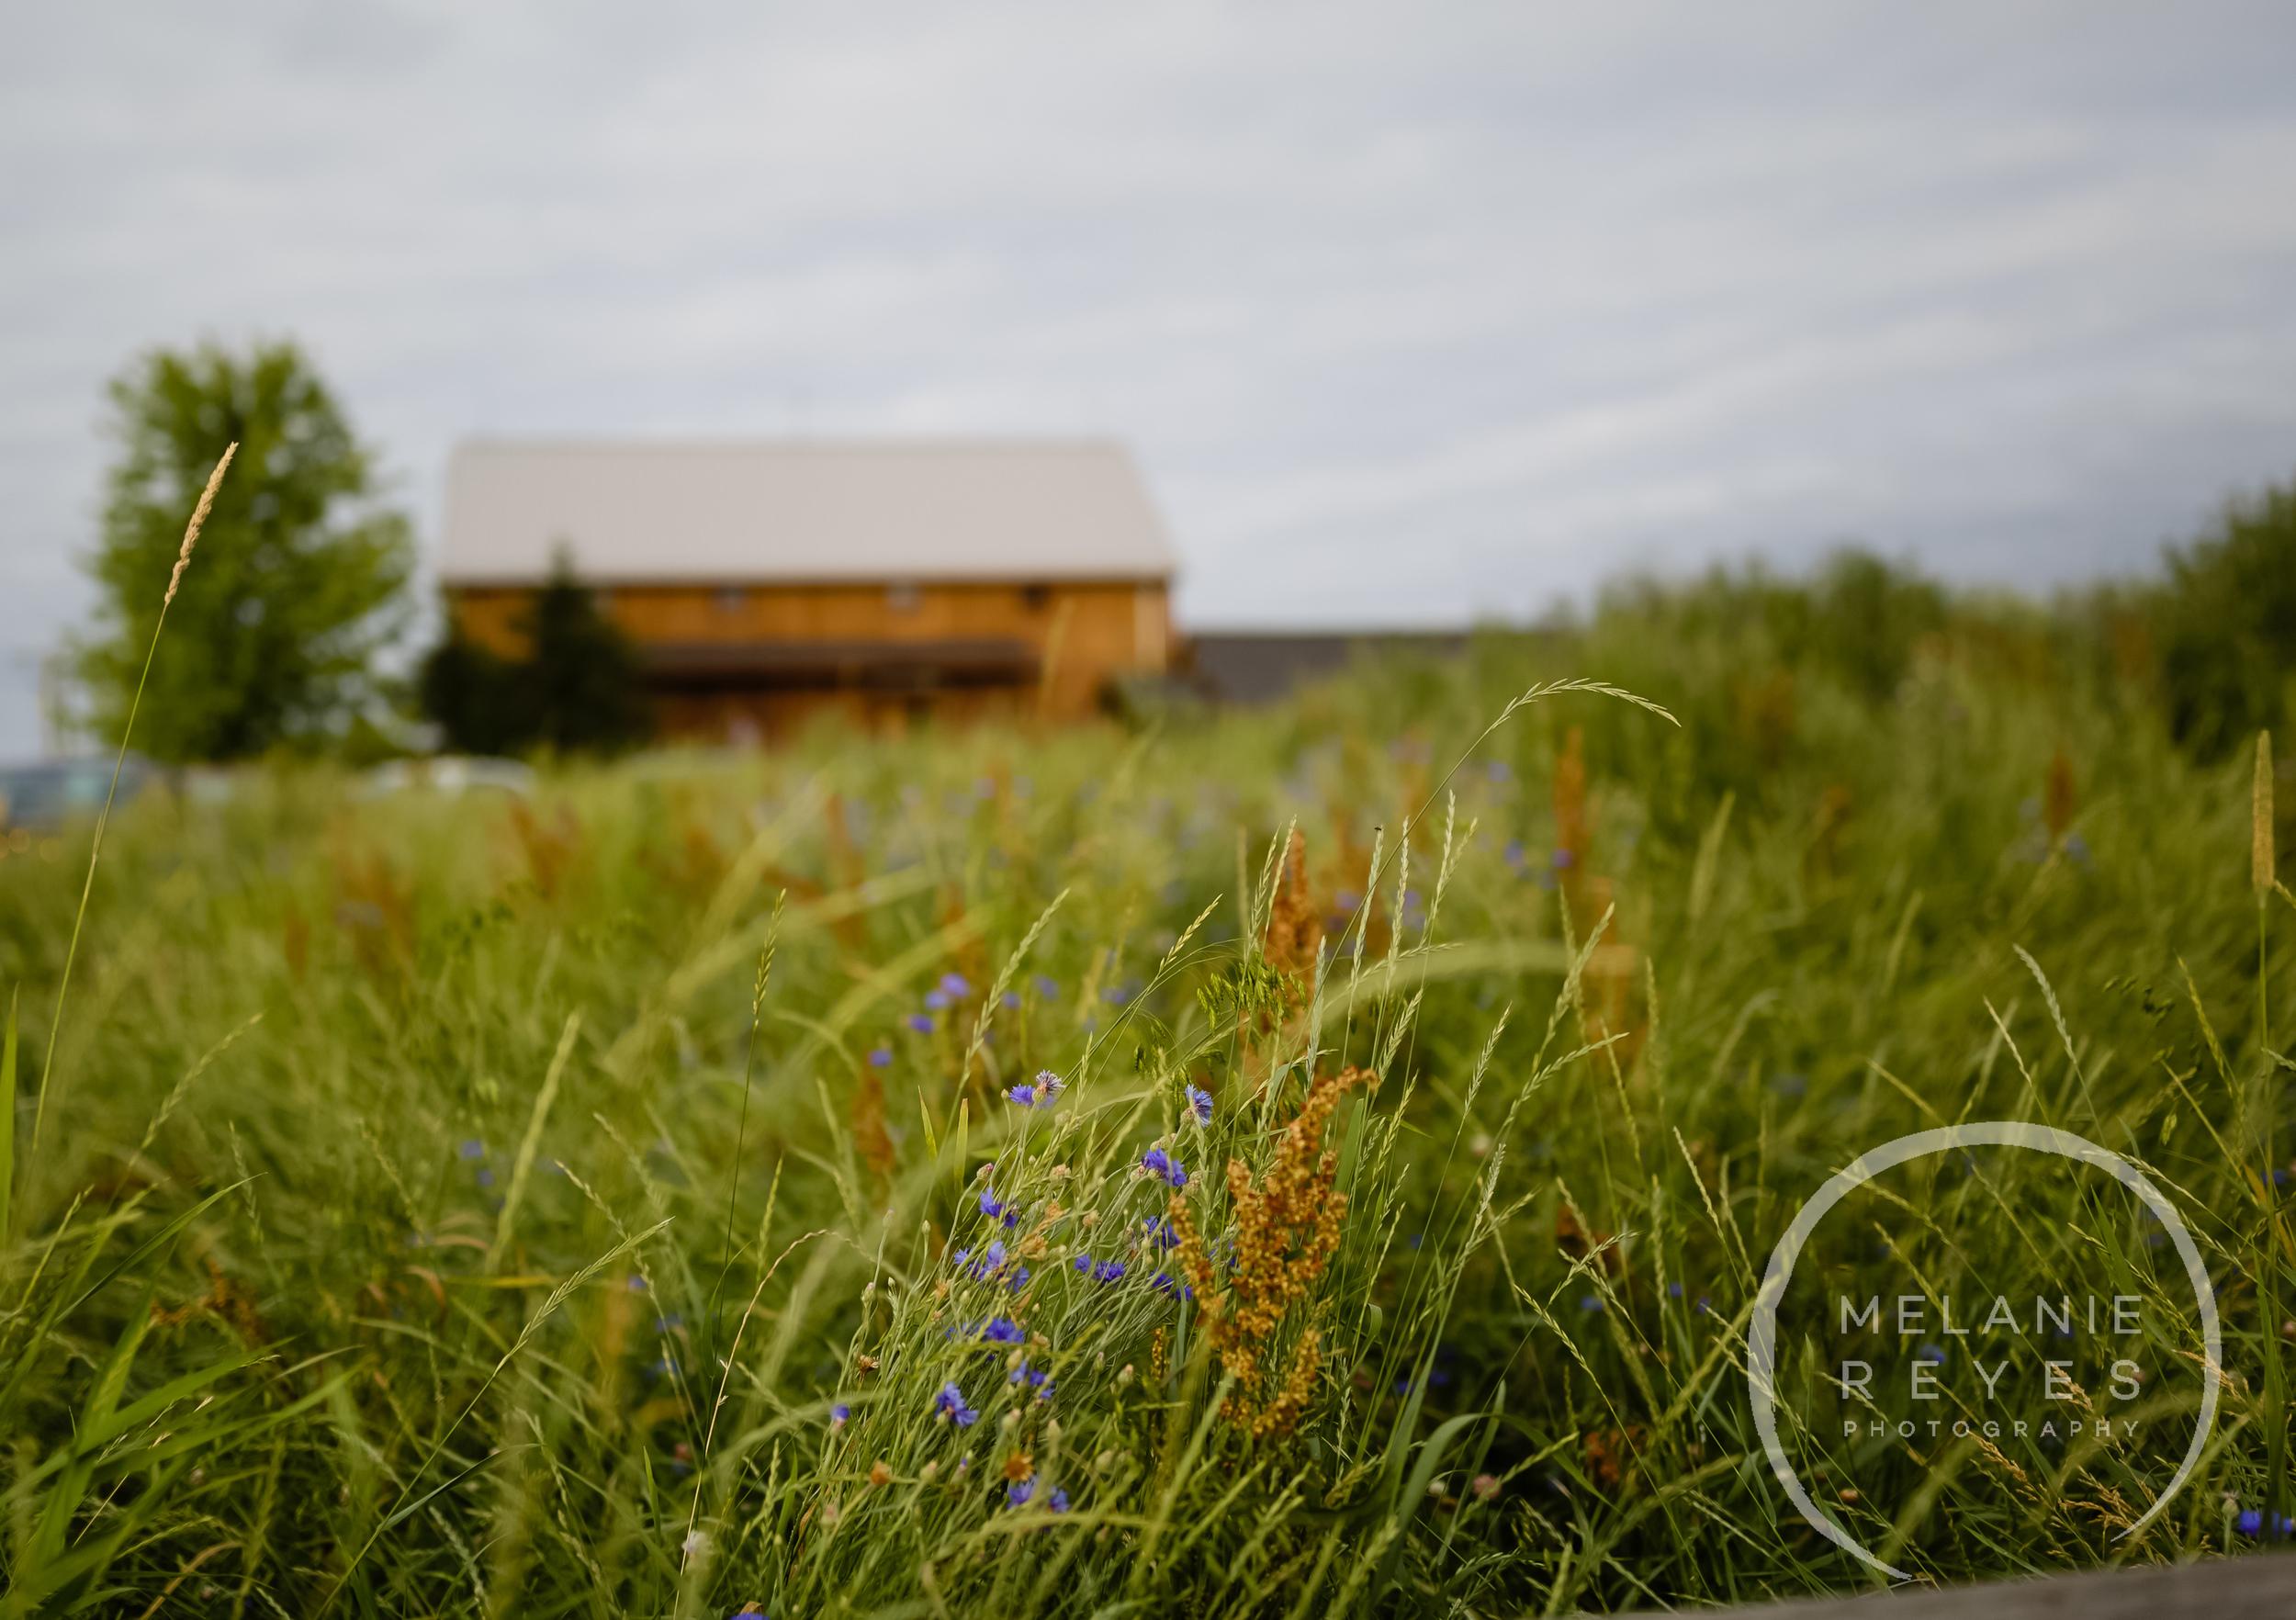 melaniereyesphotography_fruitg_farm_Misty-farm_wedding-8.jpg